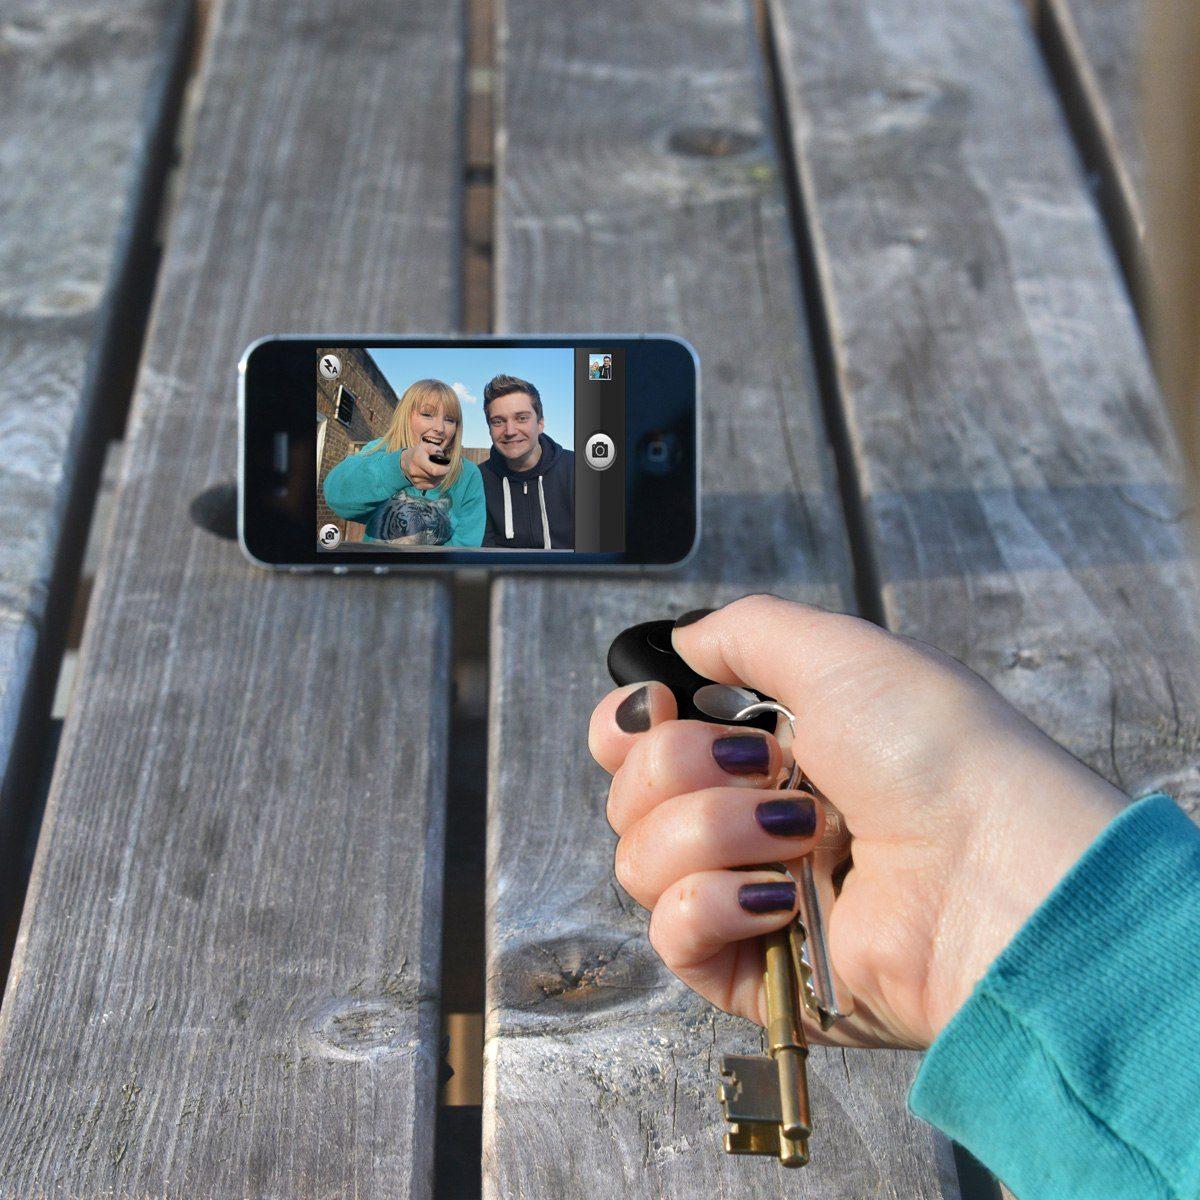 Mobil-finder med selfie-funktion